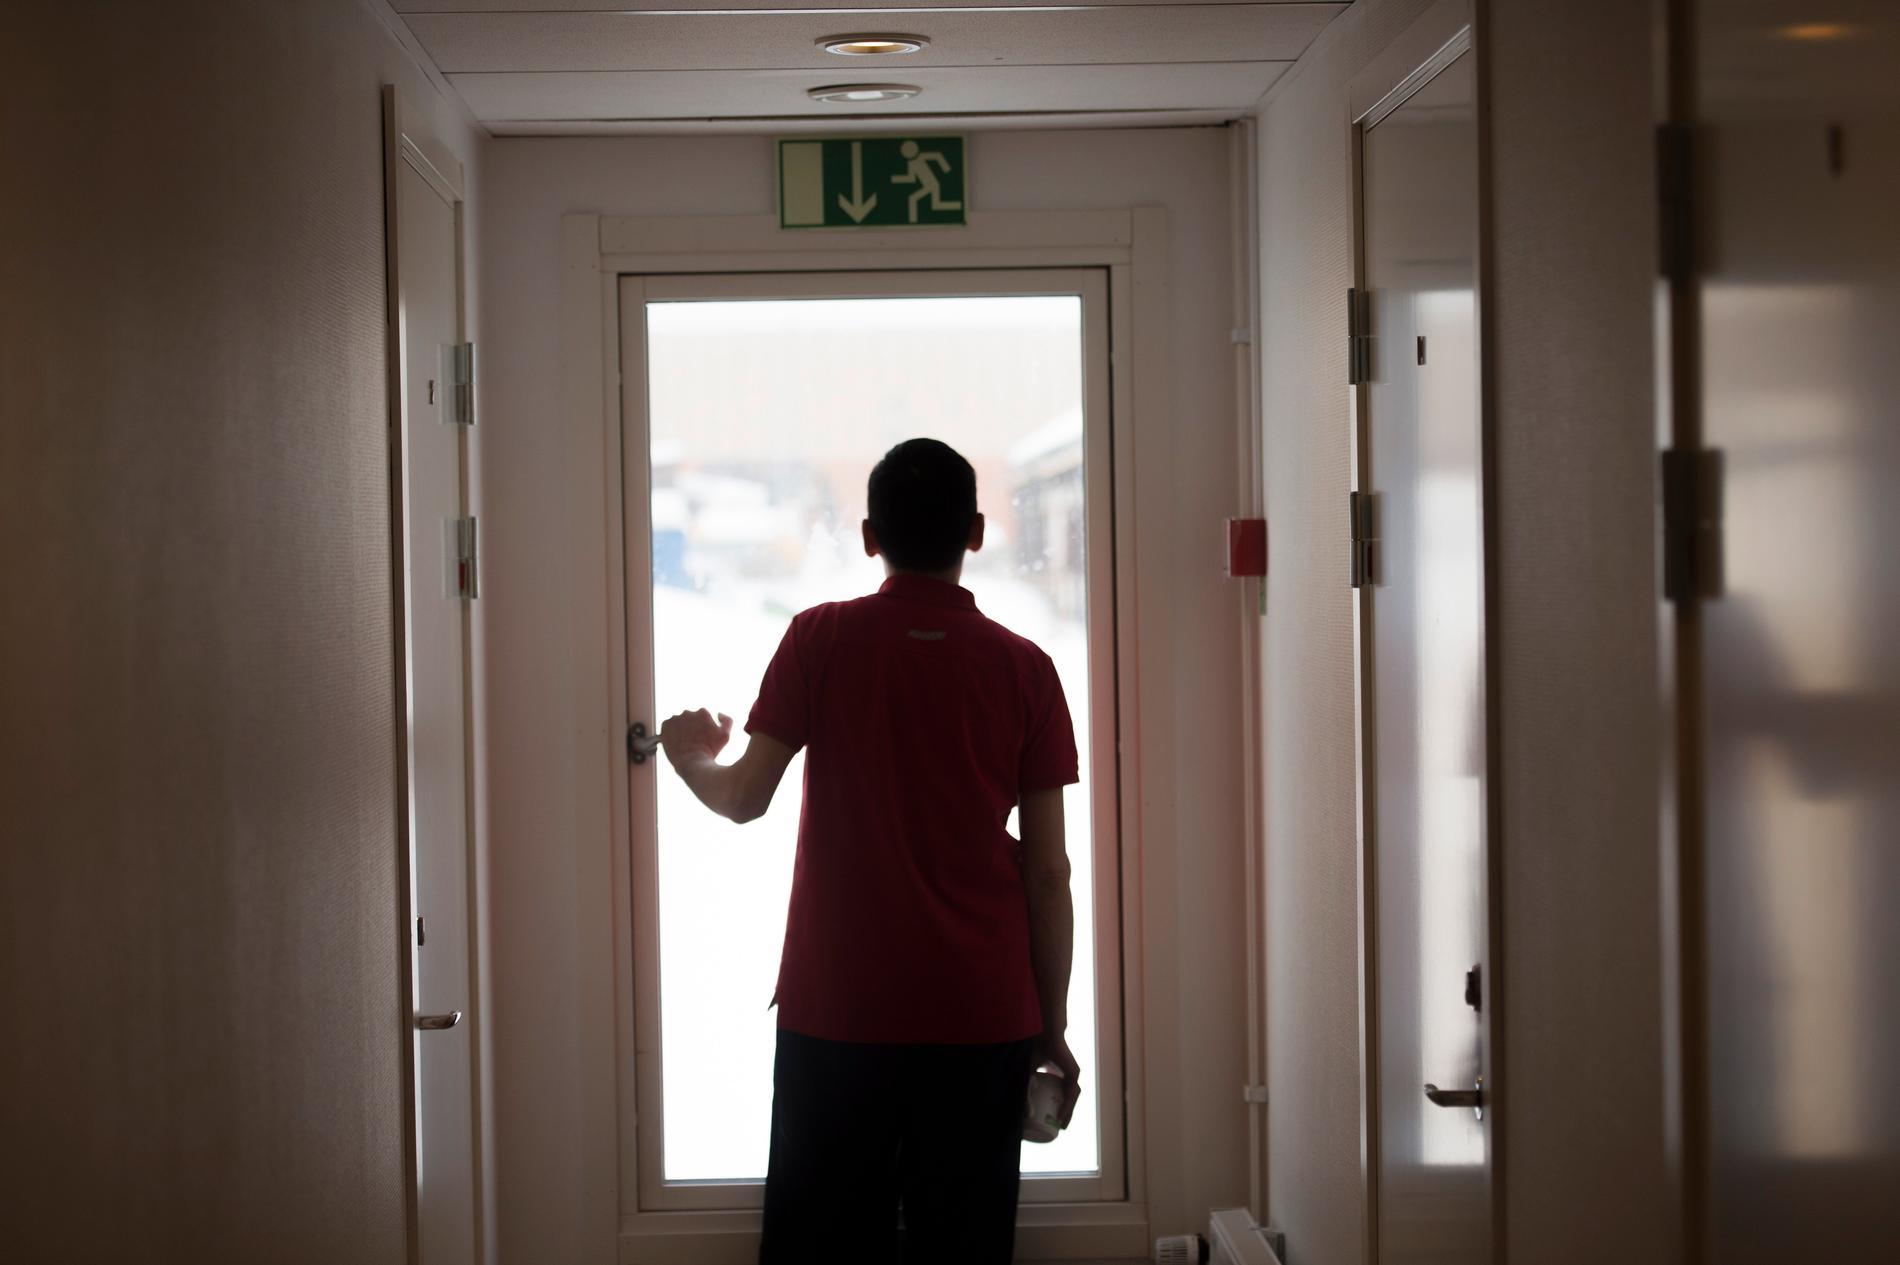 De flesta som dömts för gruppvåldtäkter är födda utanför Europa, enligt en ny kartläggning. Brå har tidigare sagt nej, men vänder nu och uppger att en ny studie om brott och ärkomst kan behövas. Arkivbild.